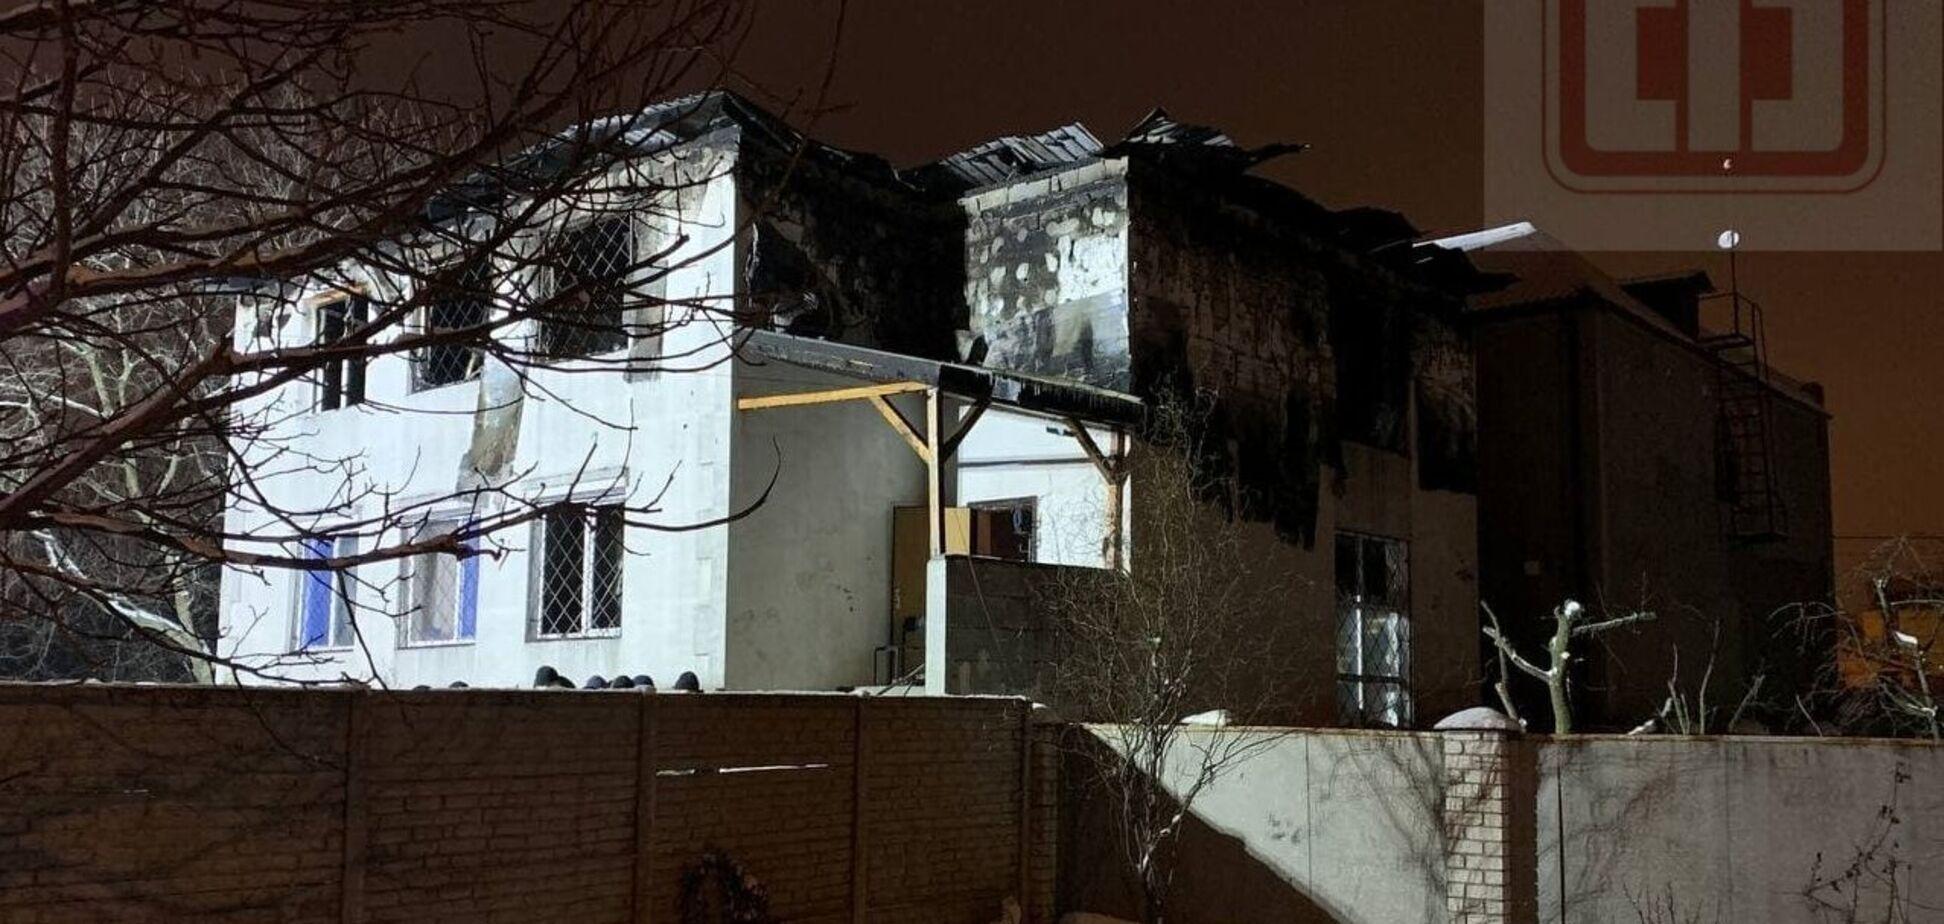 Харьковский дом престарелых, где в пожаре погибли люди